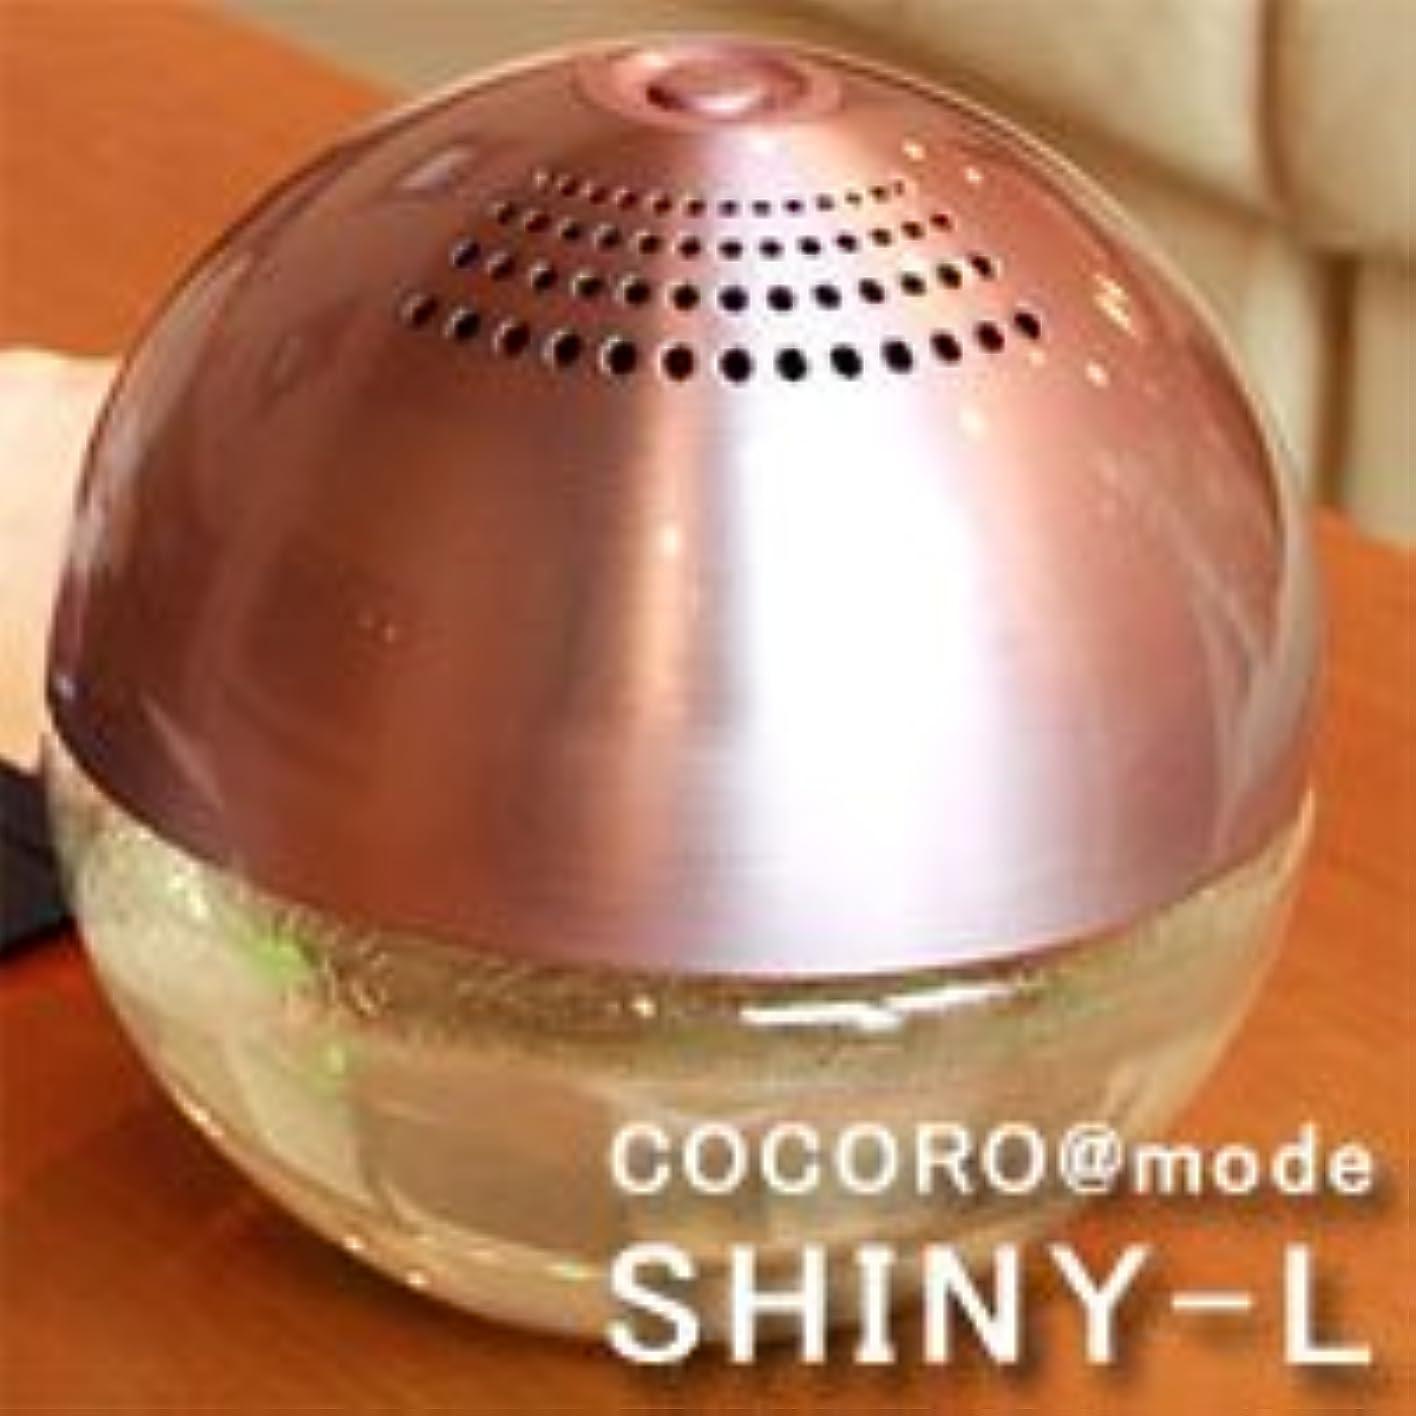 限定ディプロマエジプト人COCORO mode(ココロモード) 空気清浄機 シャイミー(旧名シャイニー) Lサイズ 約19×20×20cm (アロマソリューション10ml×3本付) ゴールド